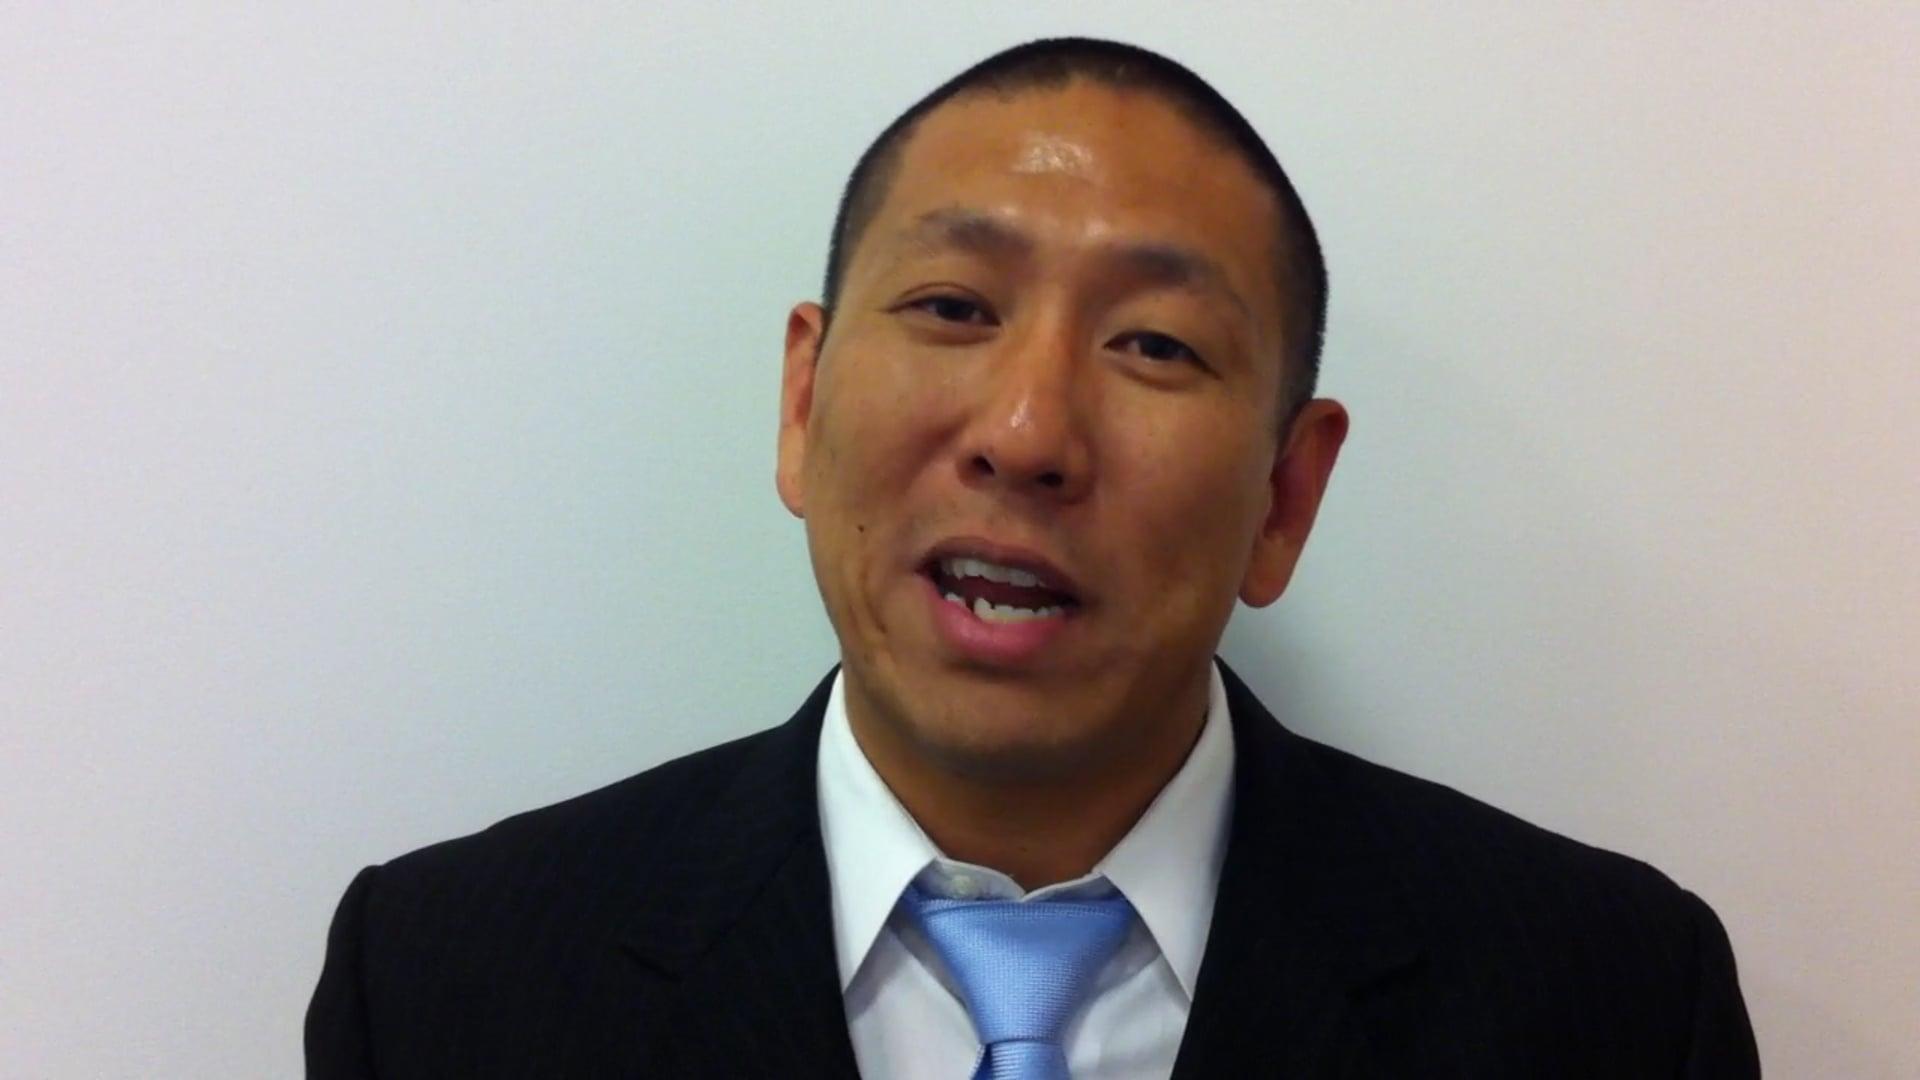 Steven Kim-Orange County Dept. Of Education Program Specialist Gives Testimonial For Motivational Speaker Mark Anthony Garrett